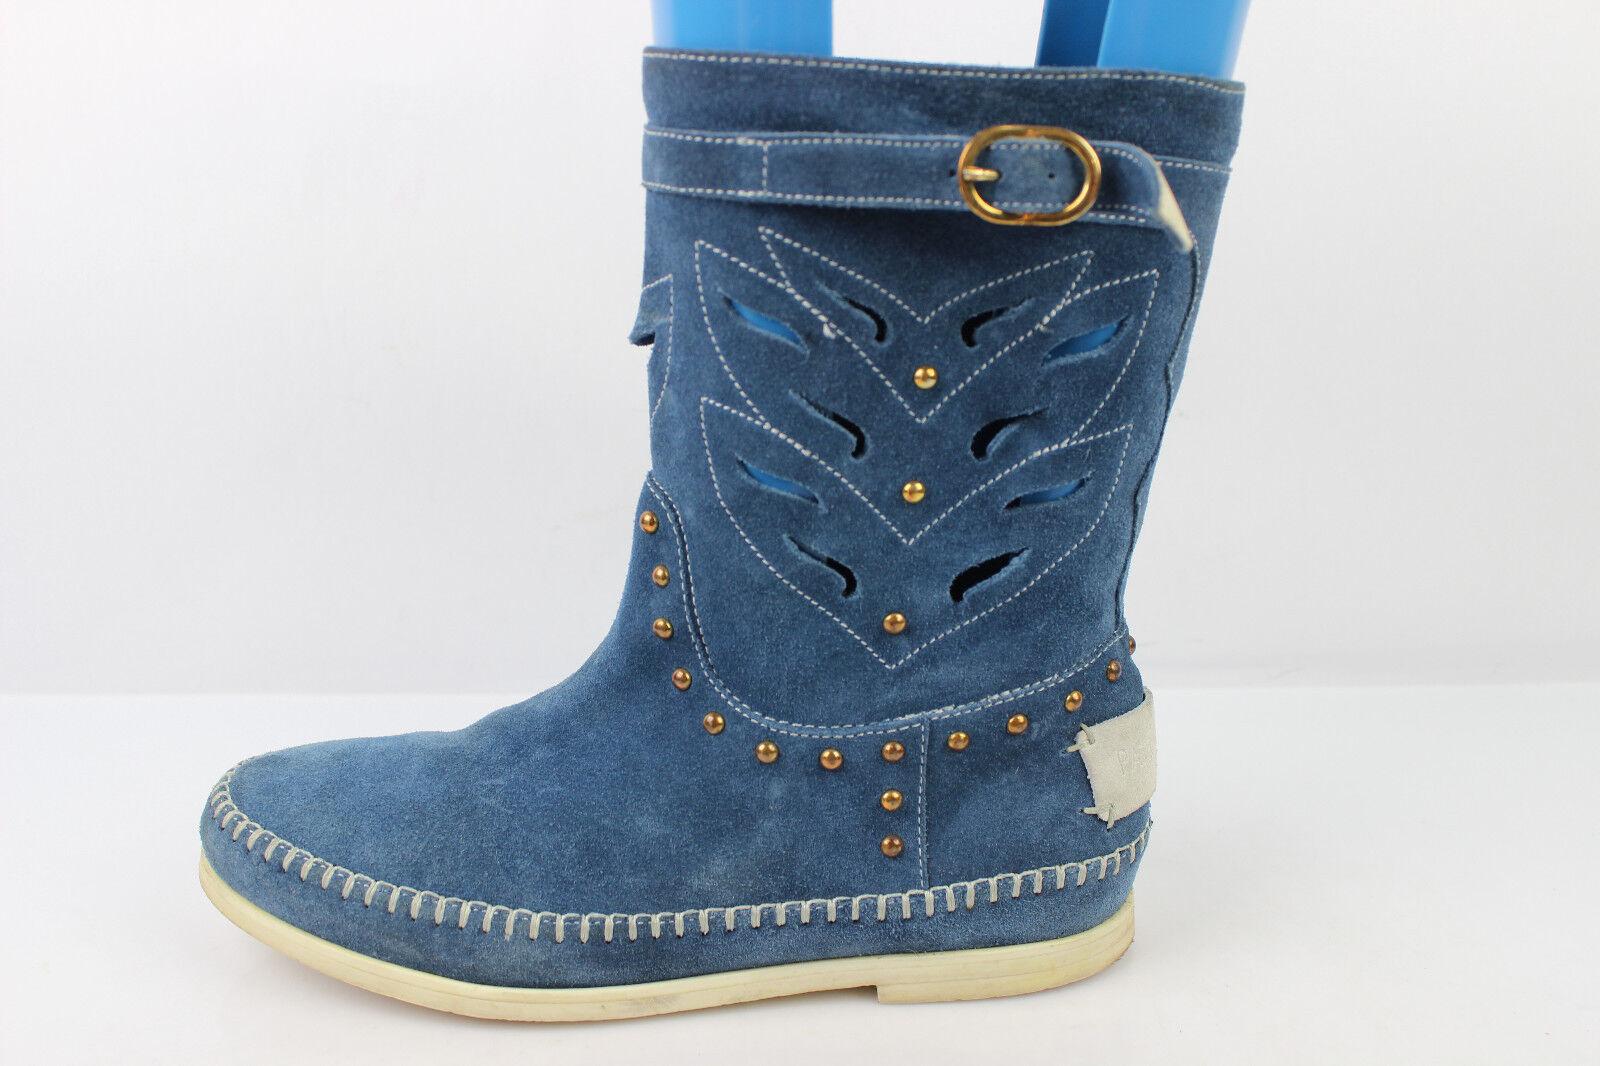 Stiefletten t PATRIZIA PEPE Wildleder blau t Stiefletten 36 sehr guter Zustand c15fca